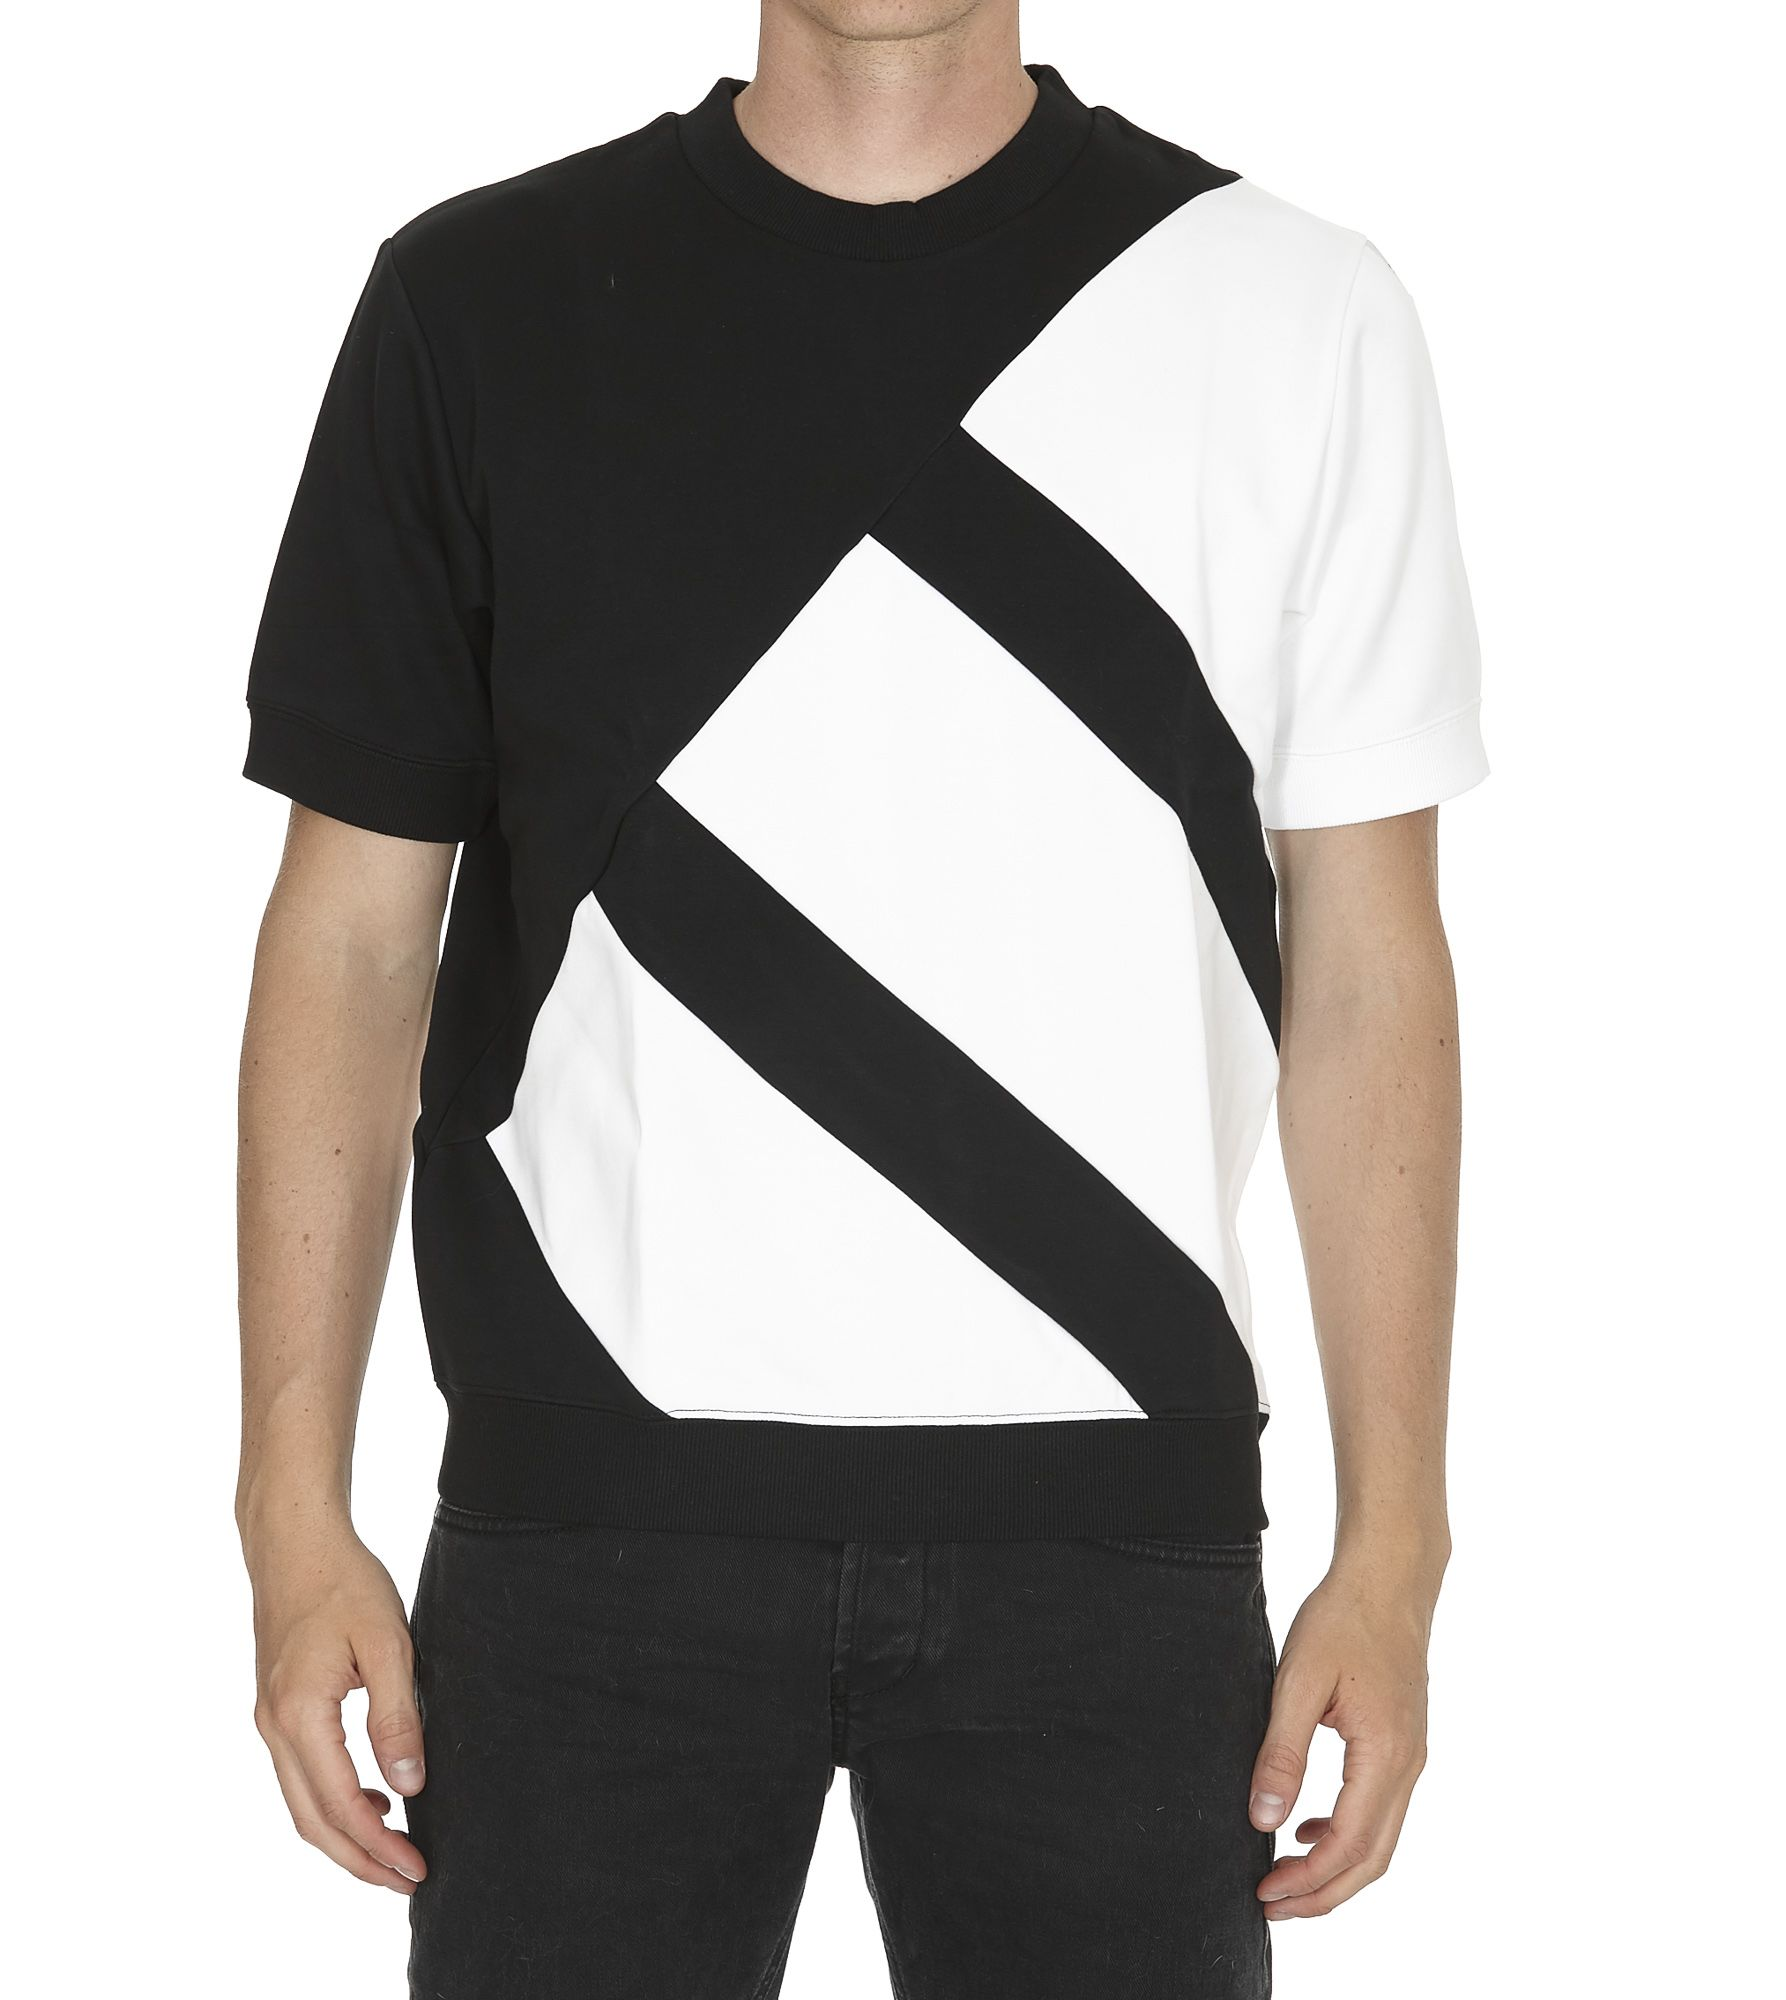 Adidas Originals Eqt Boxy Crew Tshirt